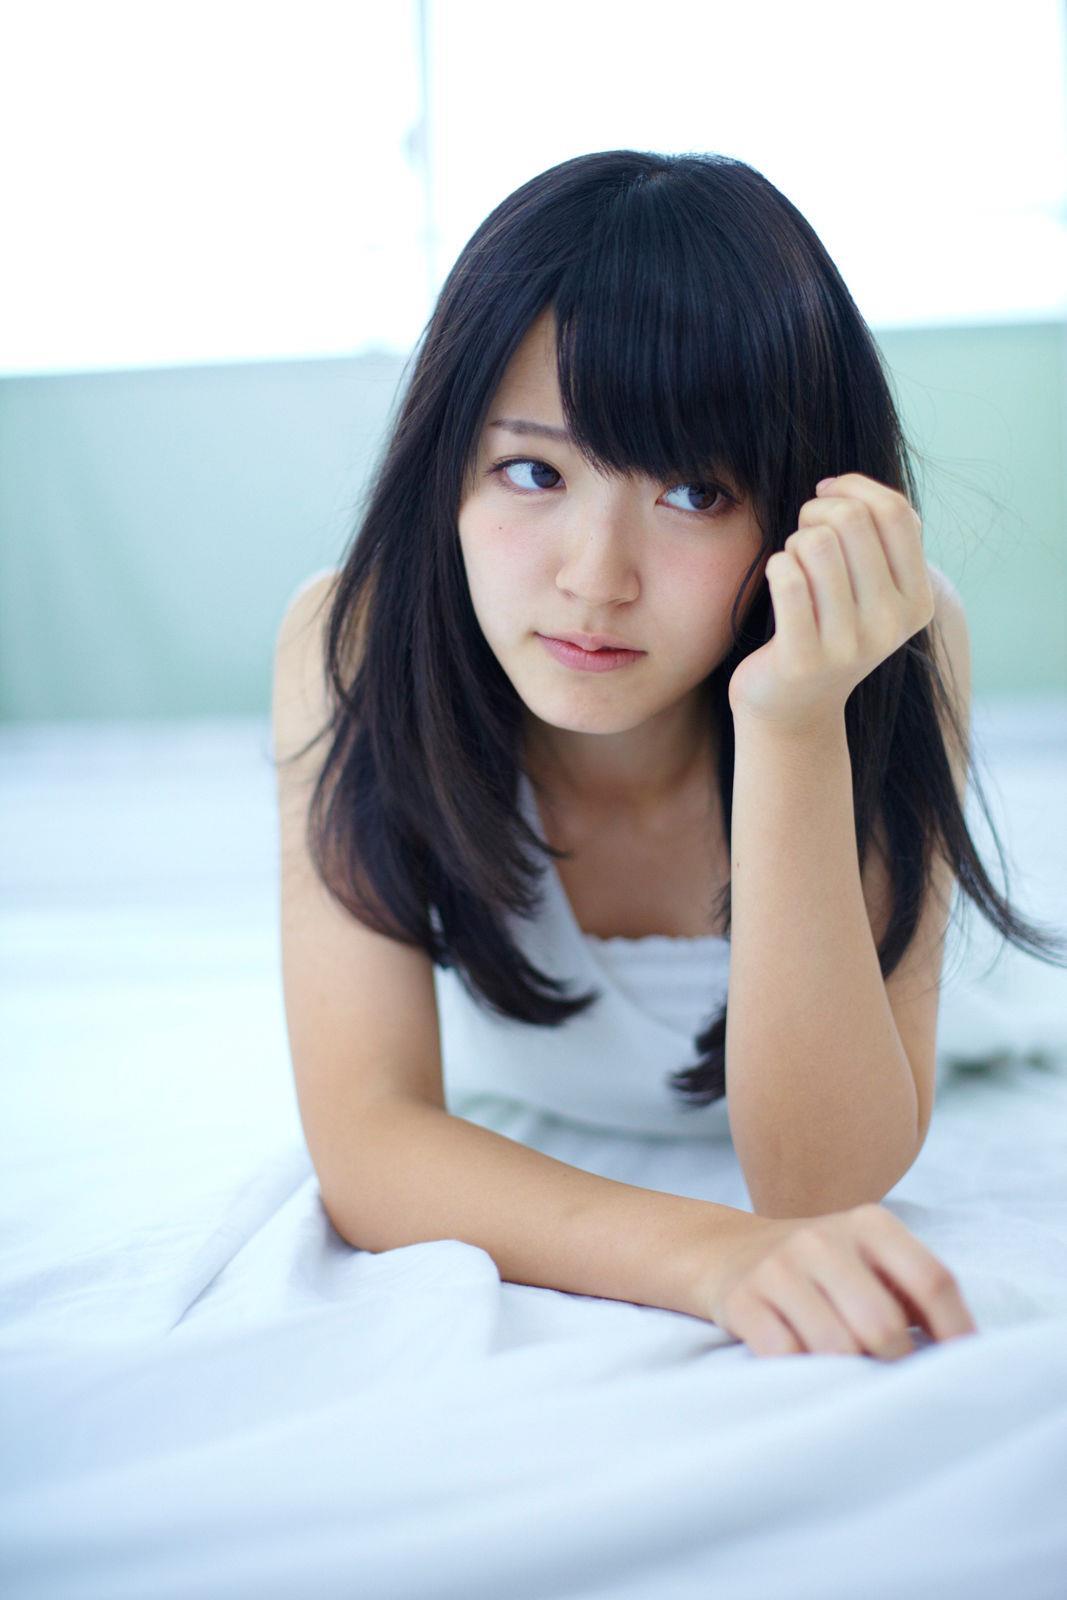 鈴木愛理(℃-ute) セクシー画像 47